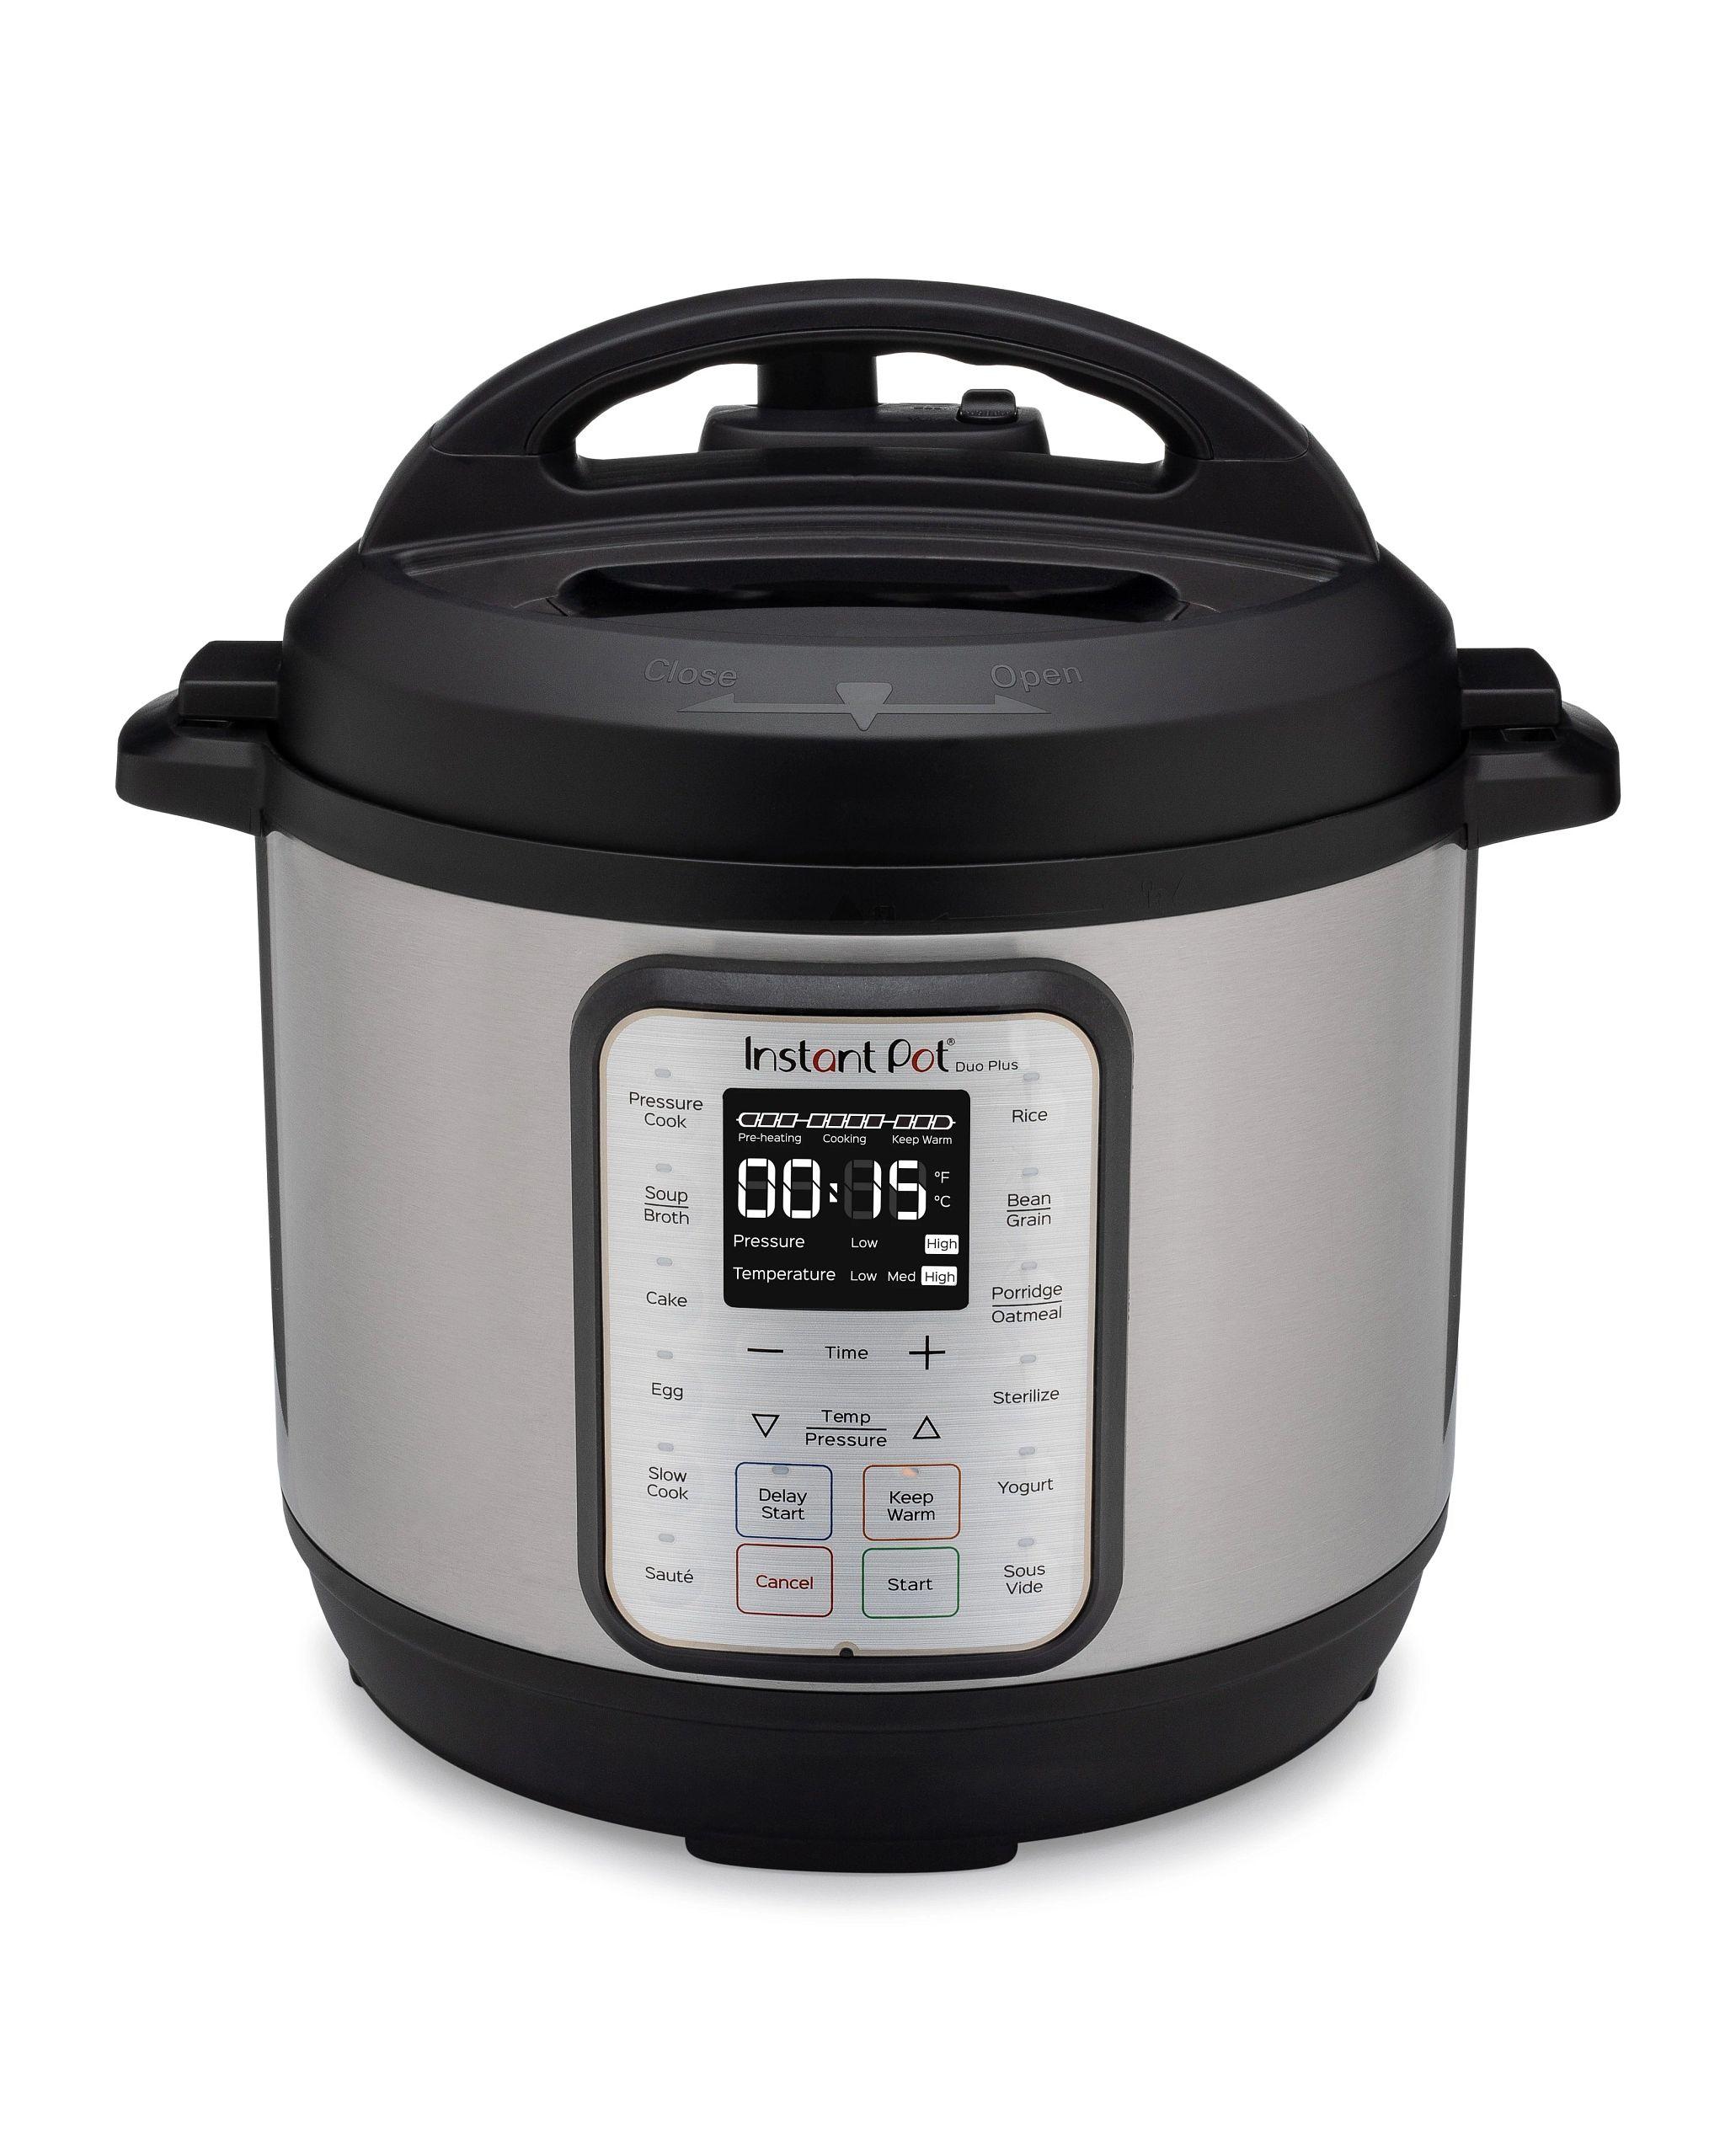 Instant Pot Duo Plus 6-quart Multi-Use Pressure Cooker